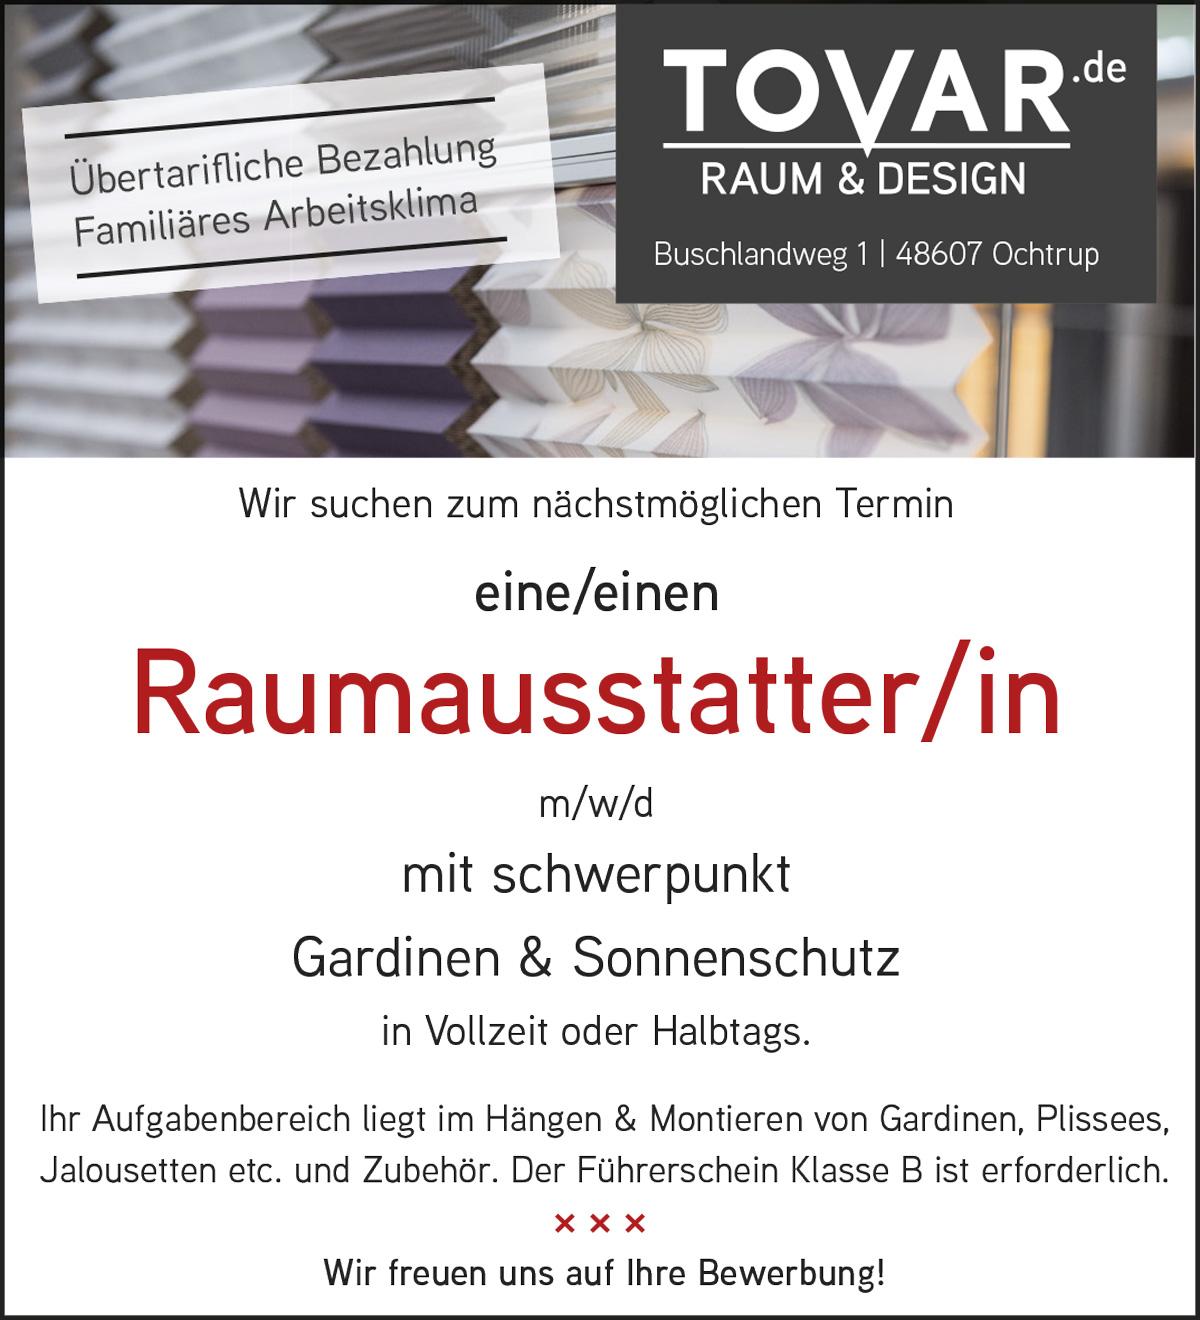 Tovar_2spltx100_4c_Raumausstatter-Druckdatei